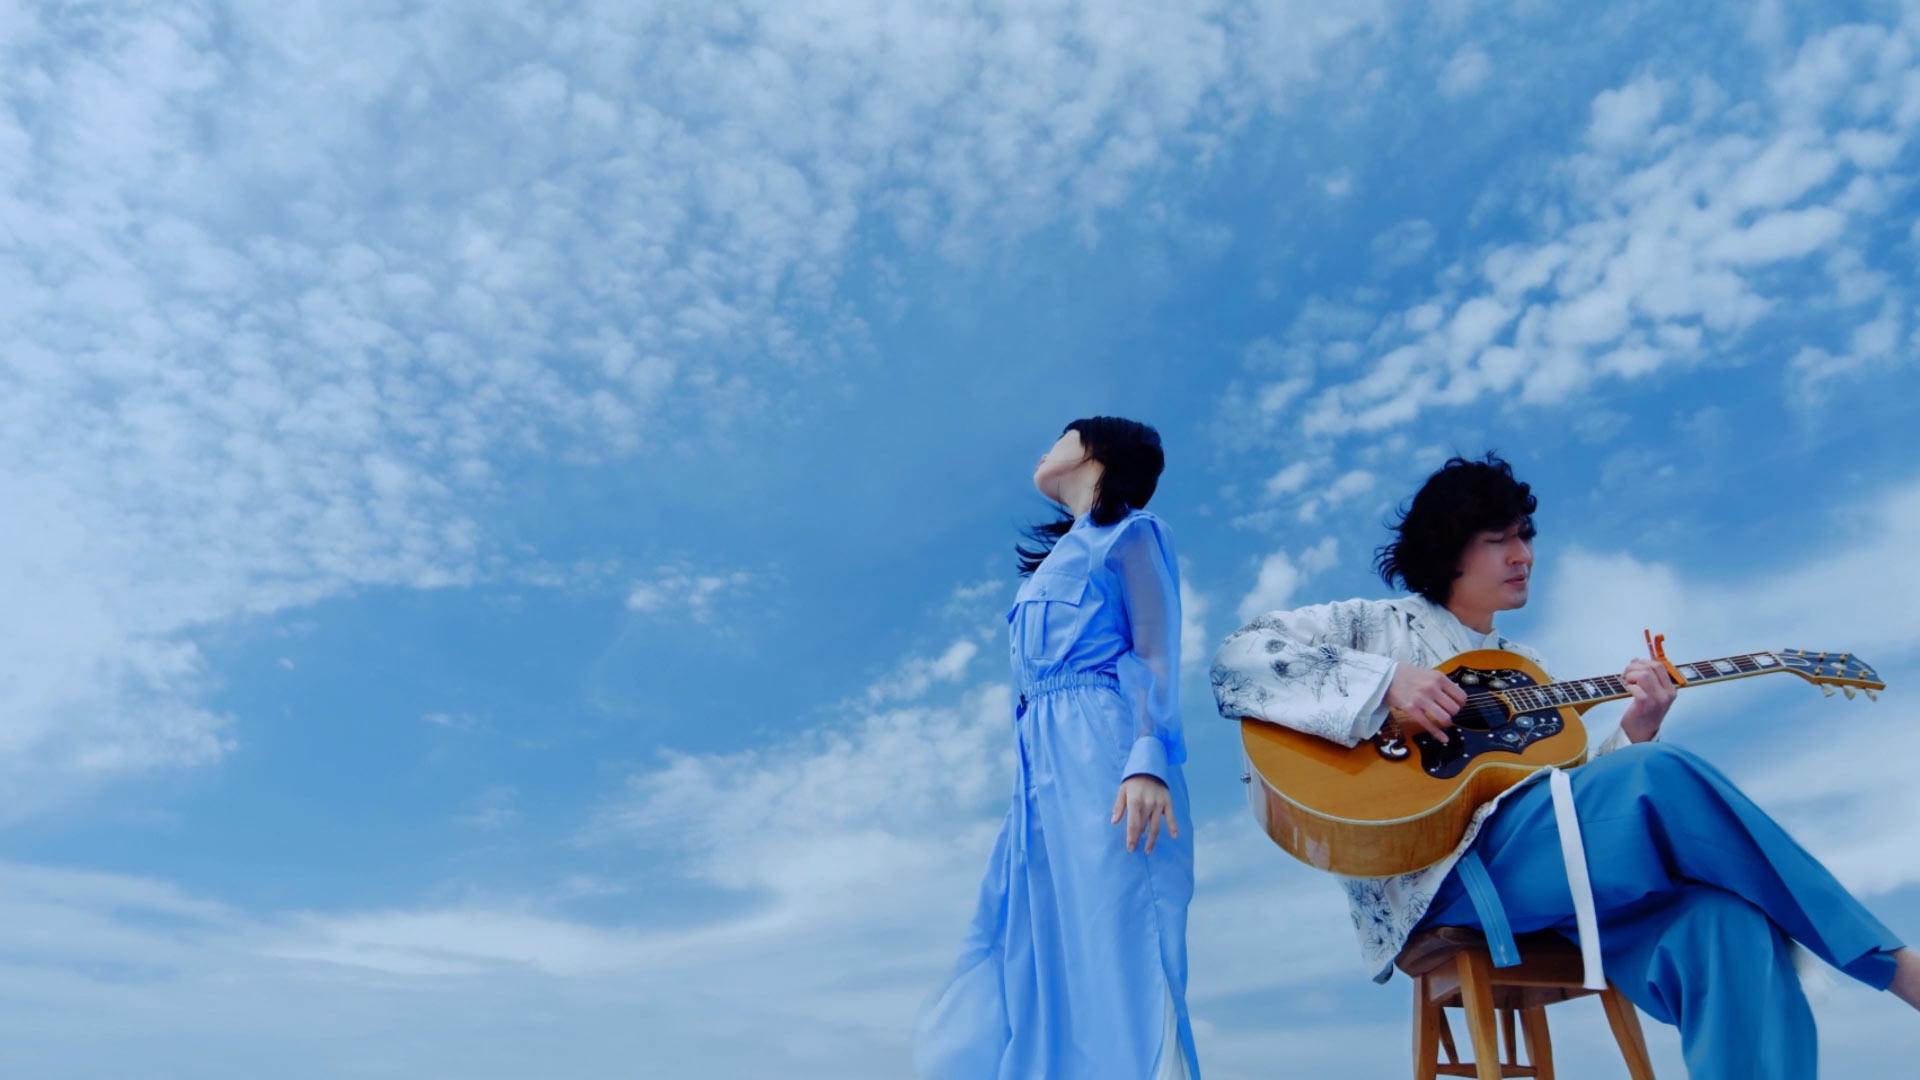 A_o 「BLUE SOULS」&アーティスト写真